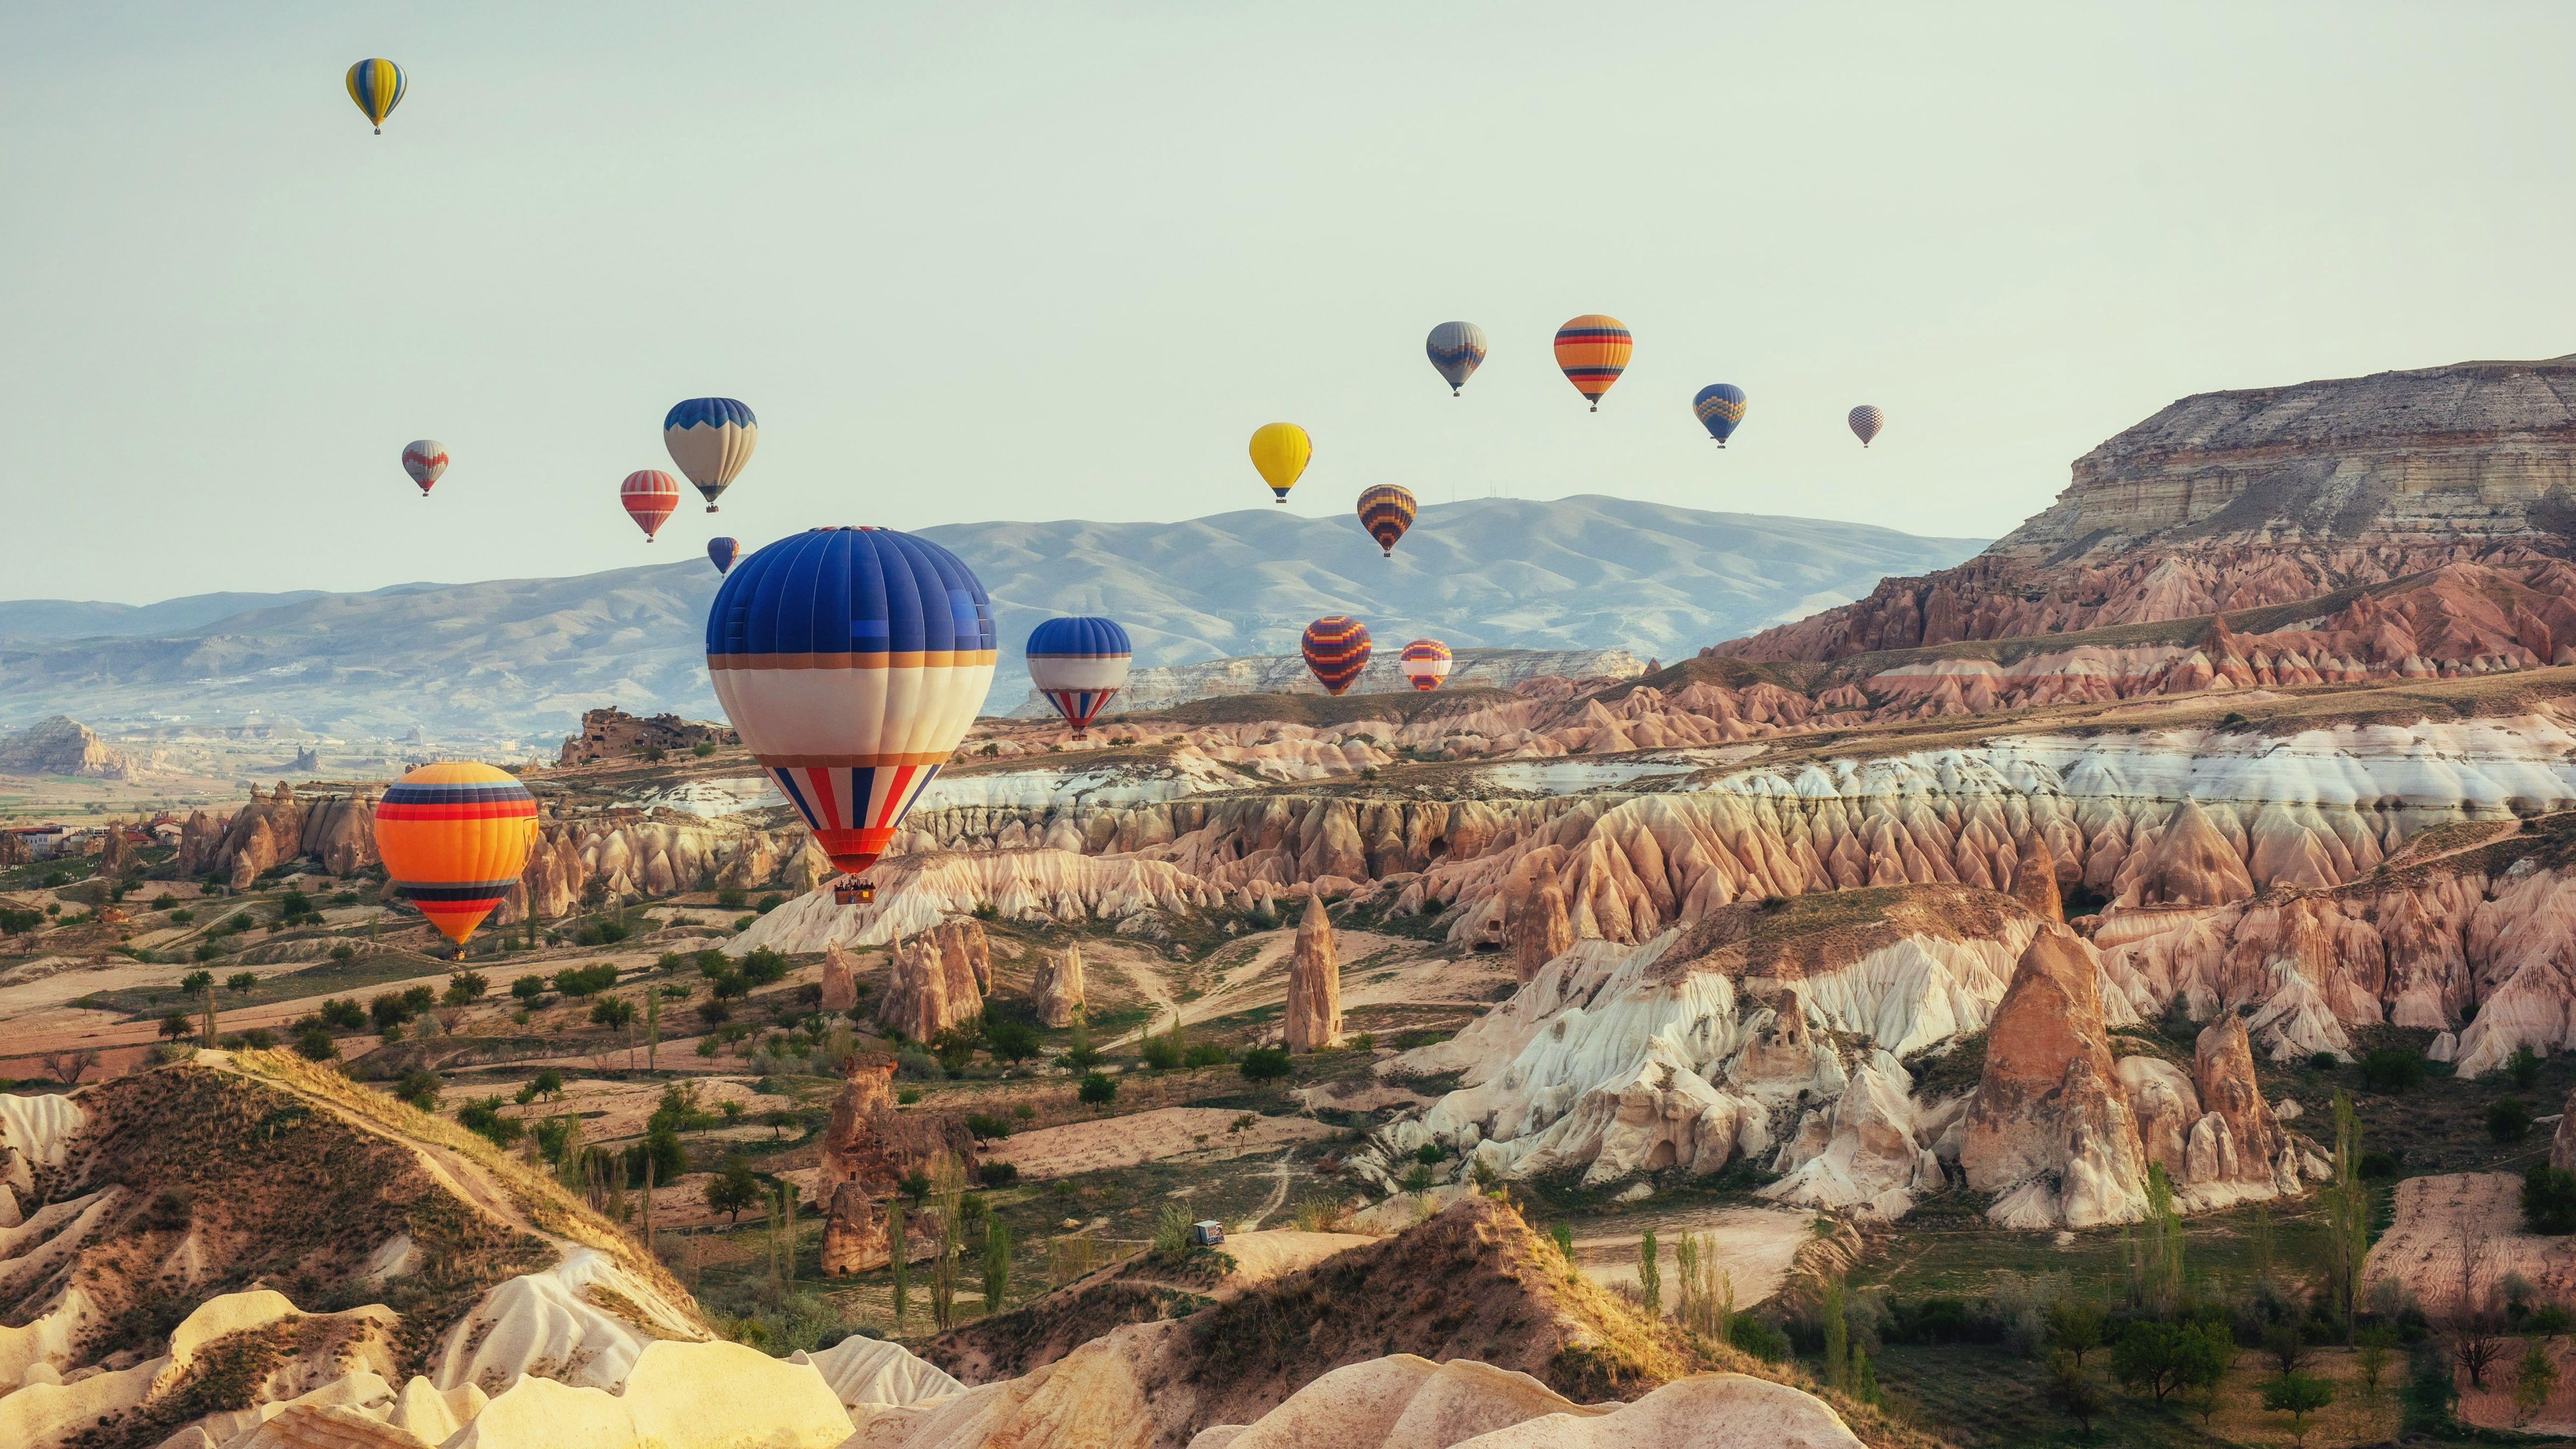 aerial photography hot air ballooning 5k uhd pillars